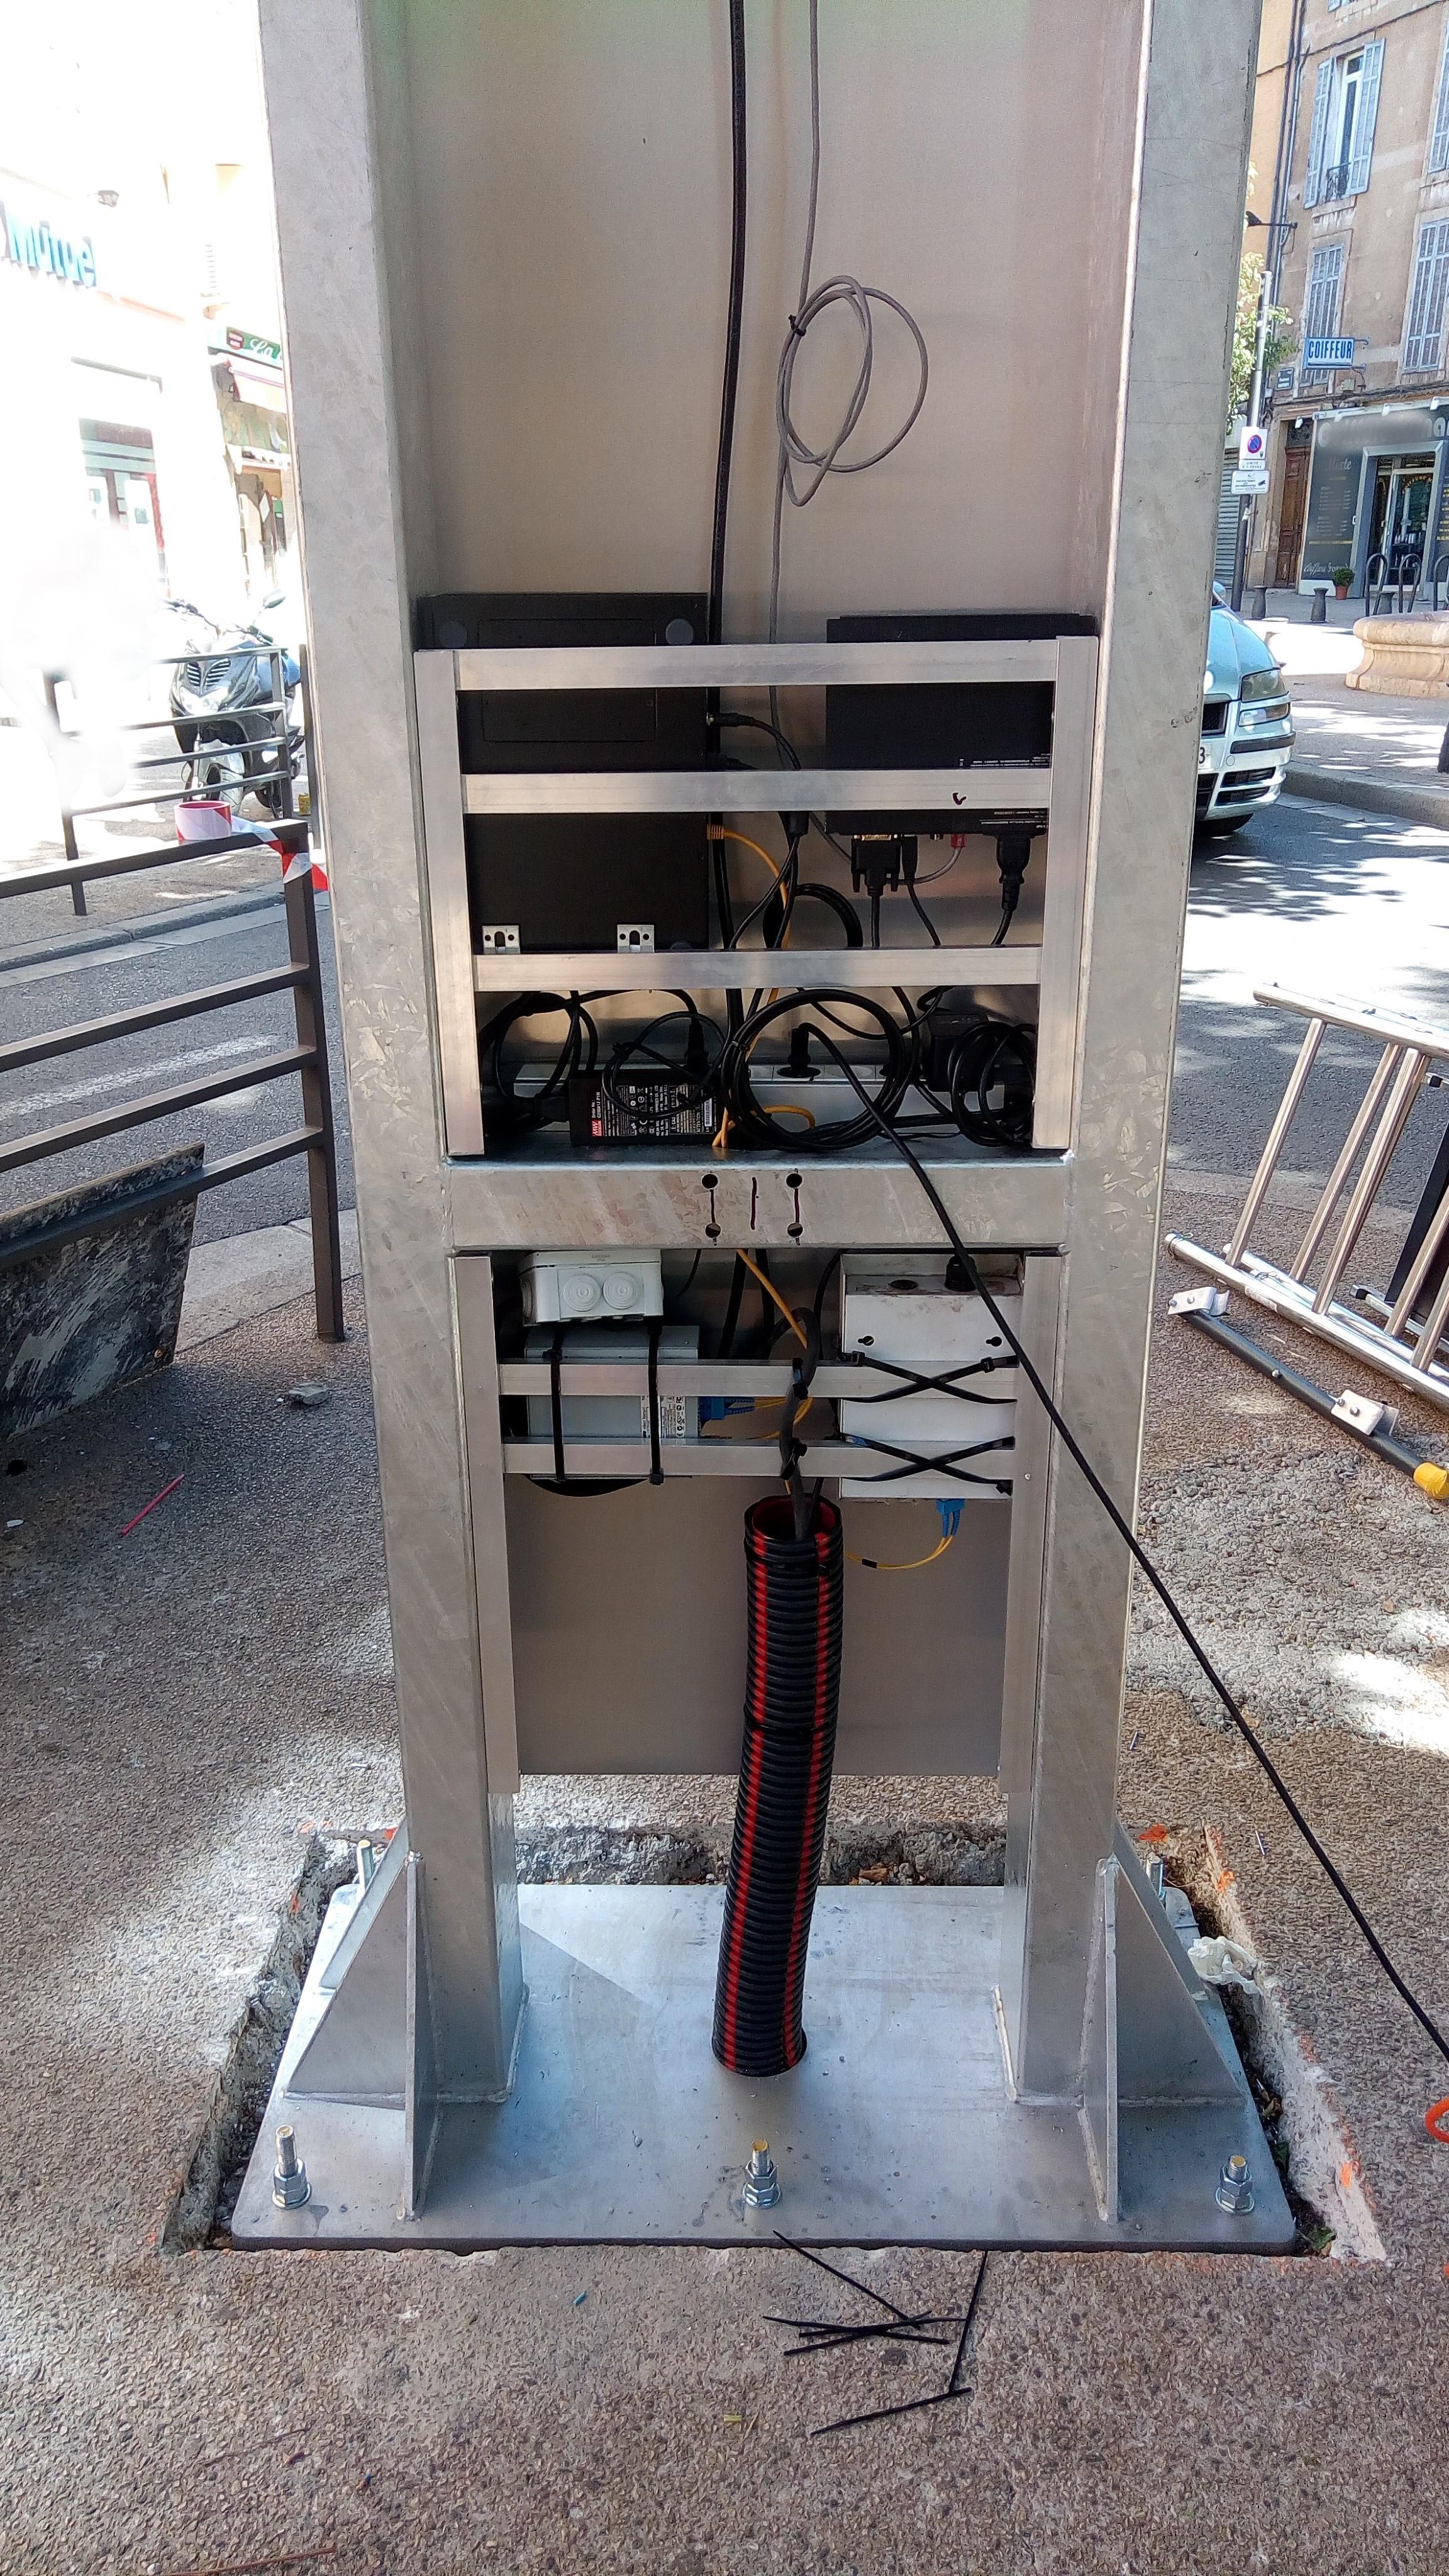 pylône et support pied pour écran géant LED extérieur